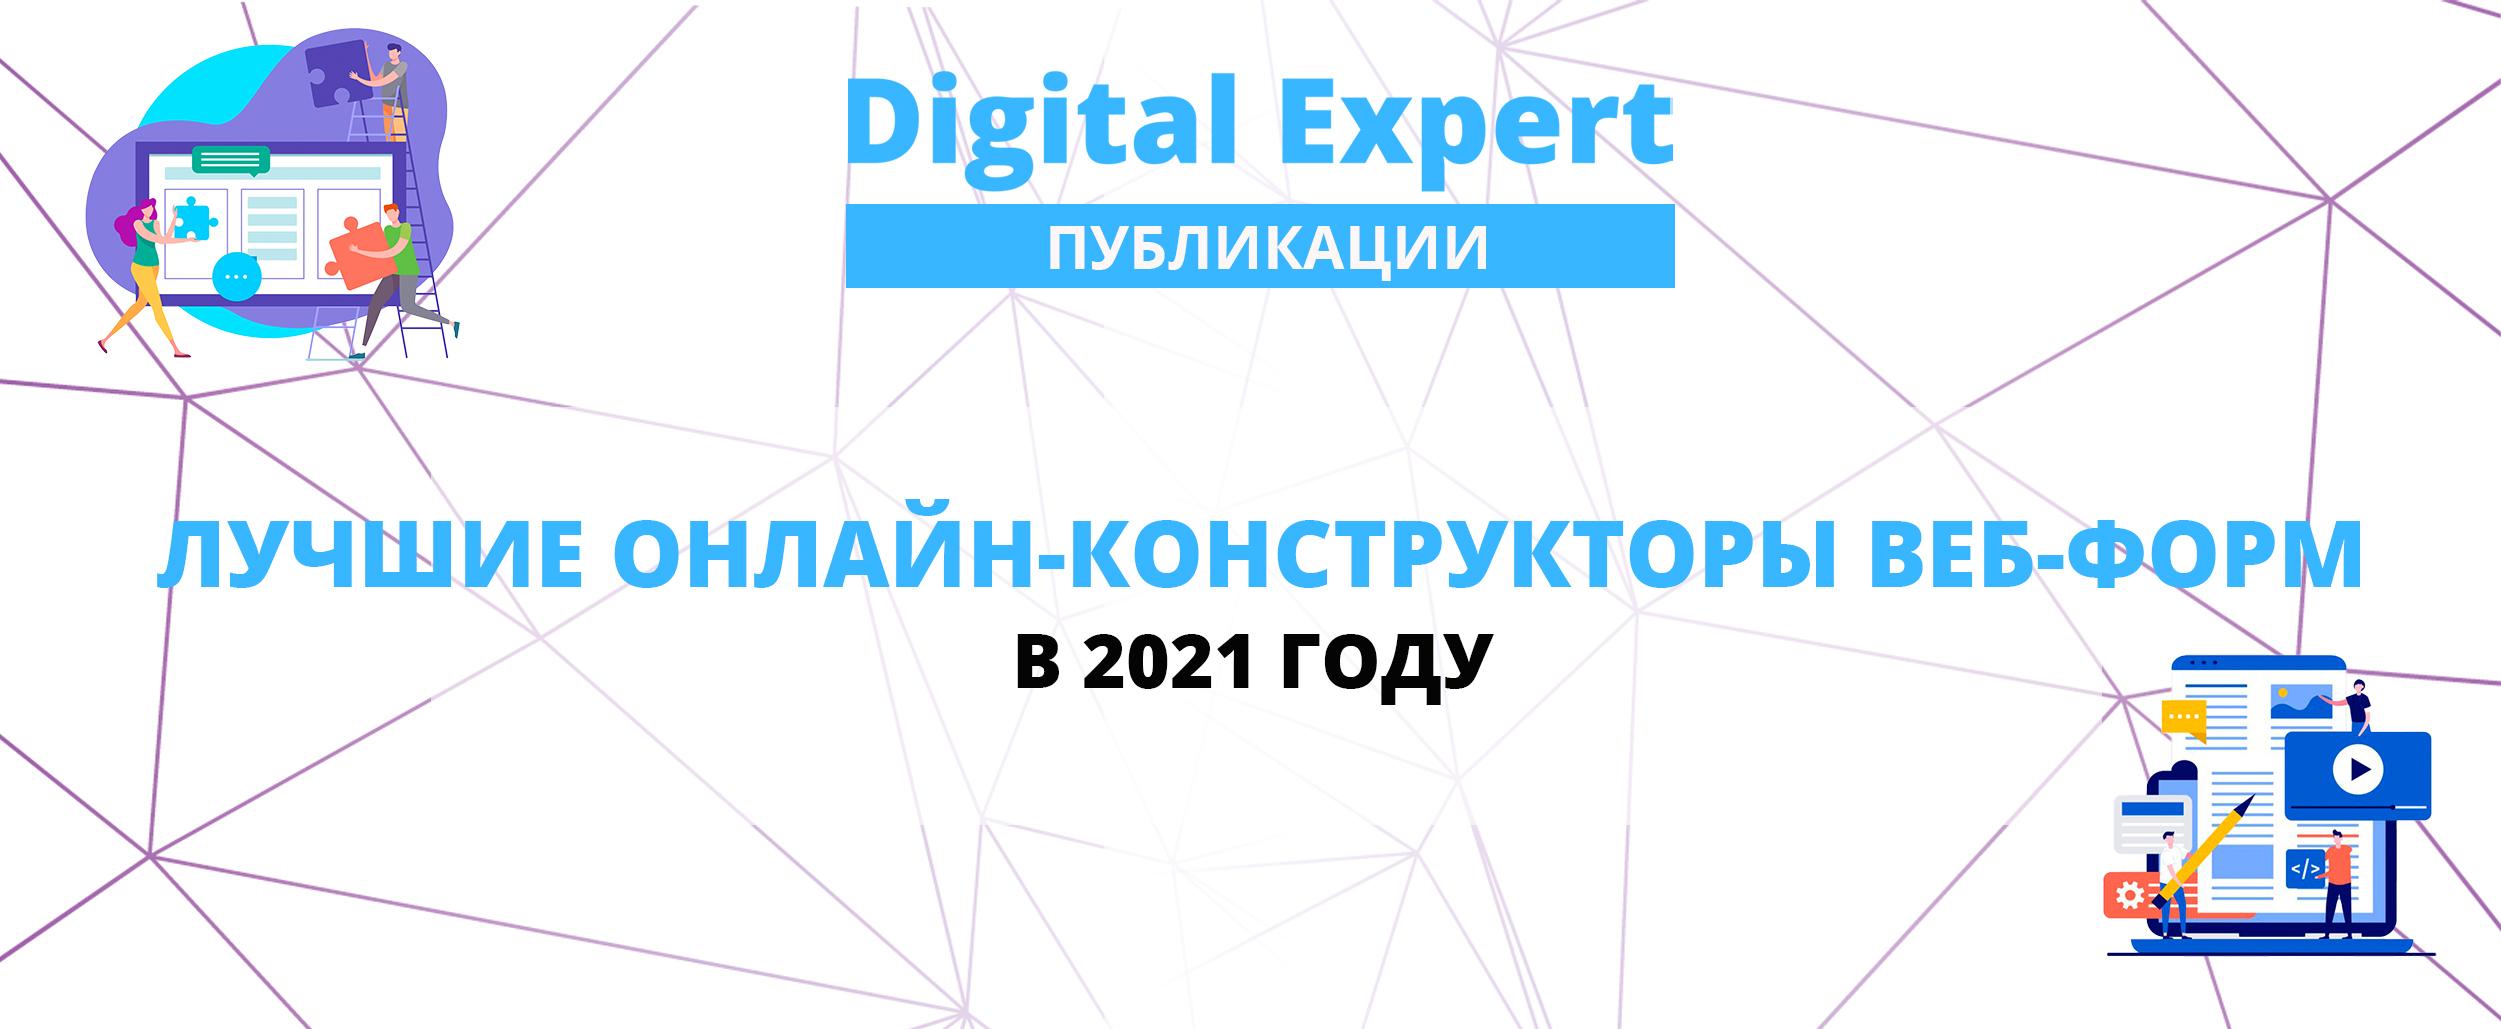 Лучшие бесплатные онлайн-конструкторы веб-форм в 2021 году